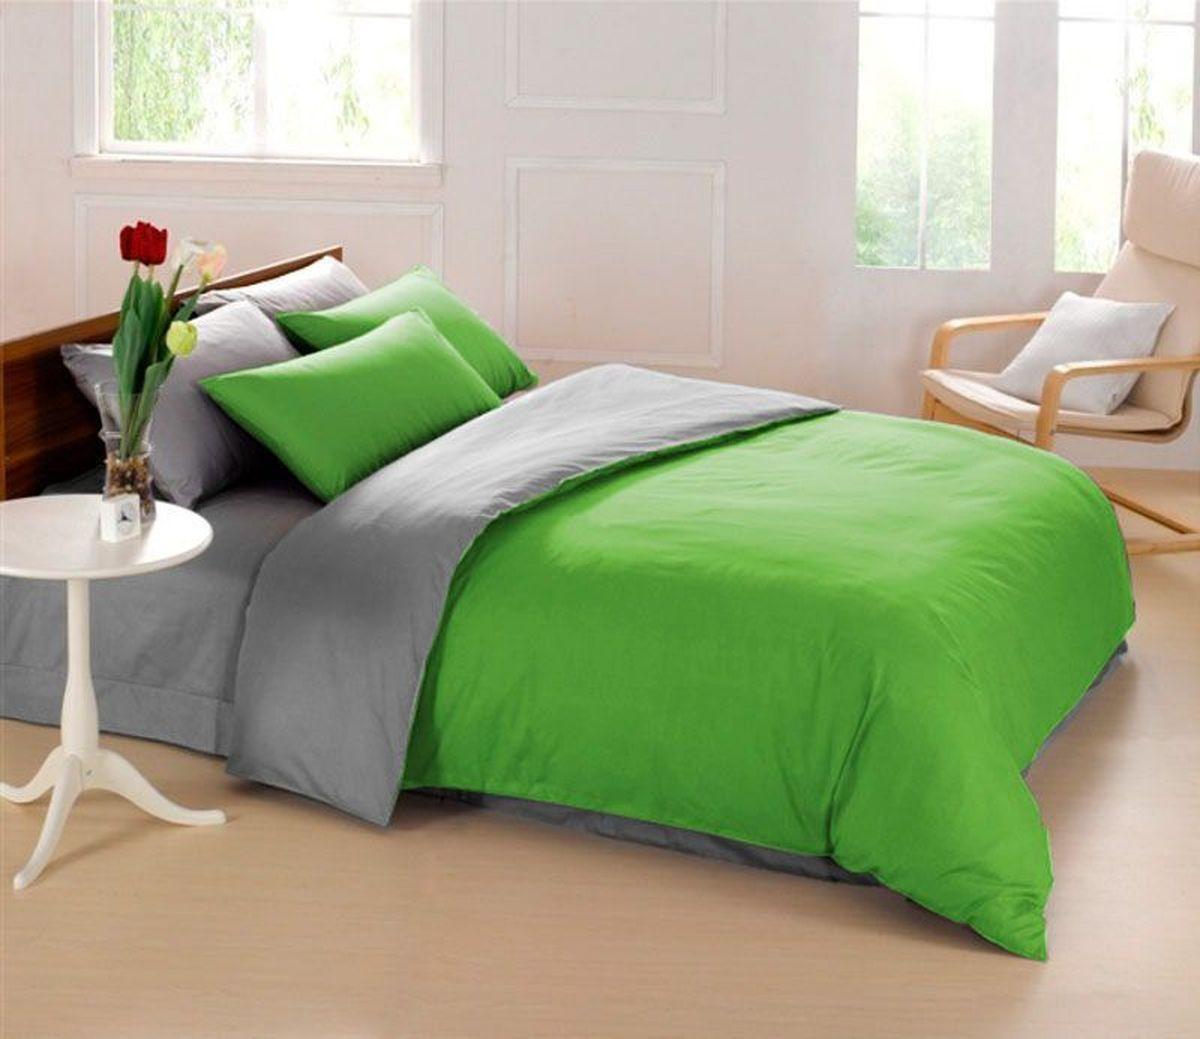 Комплект белья Sleep iX Perfection, семейный, наволочки 50х70, 70х70,цвет: зеленый, серыйBH-UN0502( R)Комплект постельного белья Sleep iX Perfection состоит из двух пододеяльников, простыни и четырех наволочек. Предметы комплекта выполнены из абсолютно гипоаллергенной микрофибры, неприхотливой в уходе.Благодаря такому комплекту постельного белья вы сможете создать атмосферу уюта и комфорта в вашей спальне.Известно, что цвет напрямую воздействует на психологическое и физическое состояние человека. Зеленый - успокаивающий, нейтральный, мягкий цвет. Нормализует деятельность сердечно-сосудистой системы, успокаивает сильное сердцебиение, стабилизирует артериальное давление и функции нервной системы.Серый – нейтральный цвет. Расслабляет, помогает успокоиться и способствует здоровому сну. Усиливает воздействие соседствующих цветов.